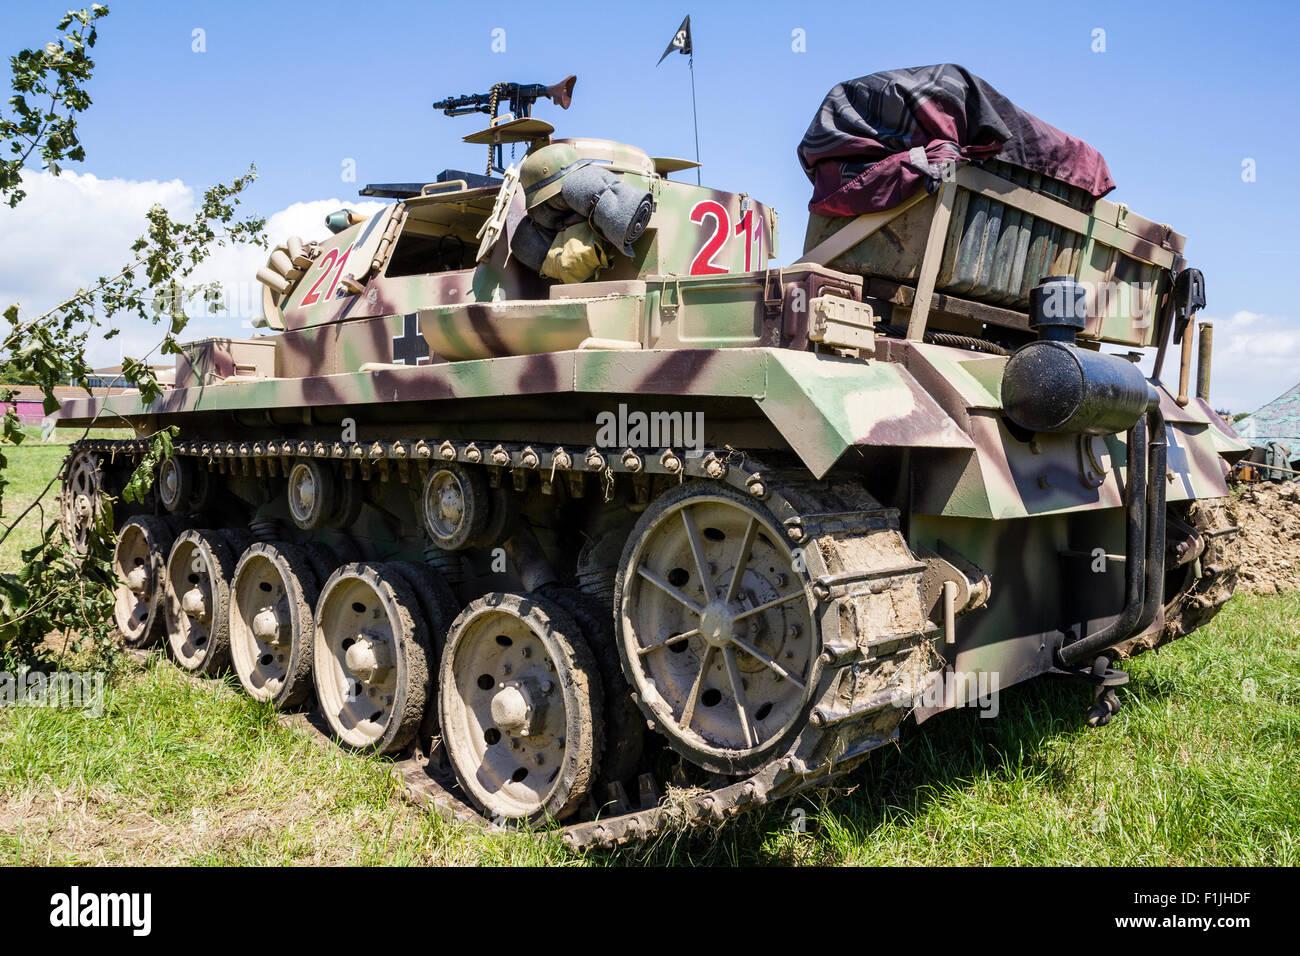 Panzer Tank Stock Photos & Panzer Tank Stock Images - Alamy